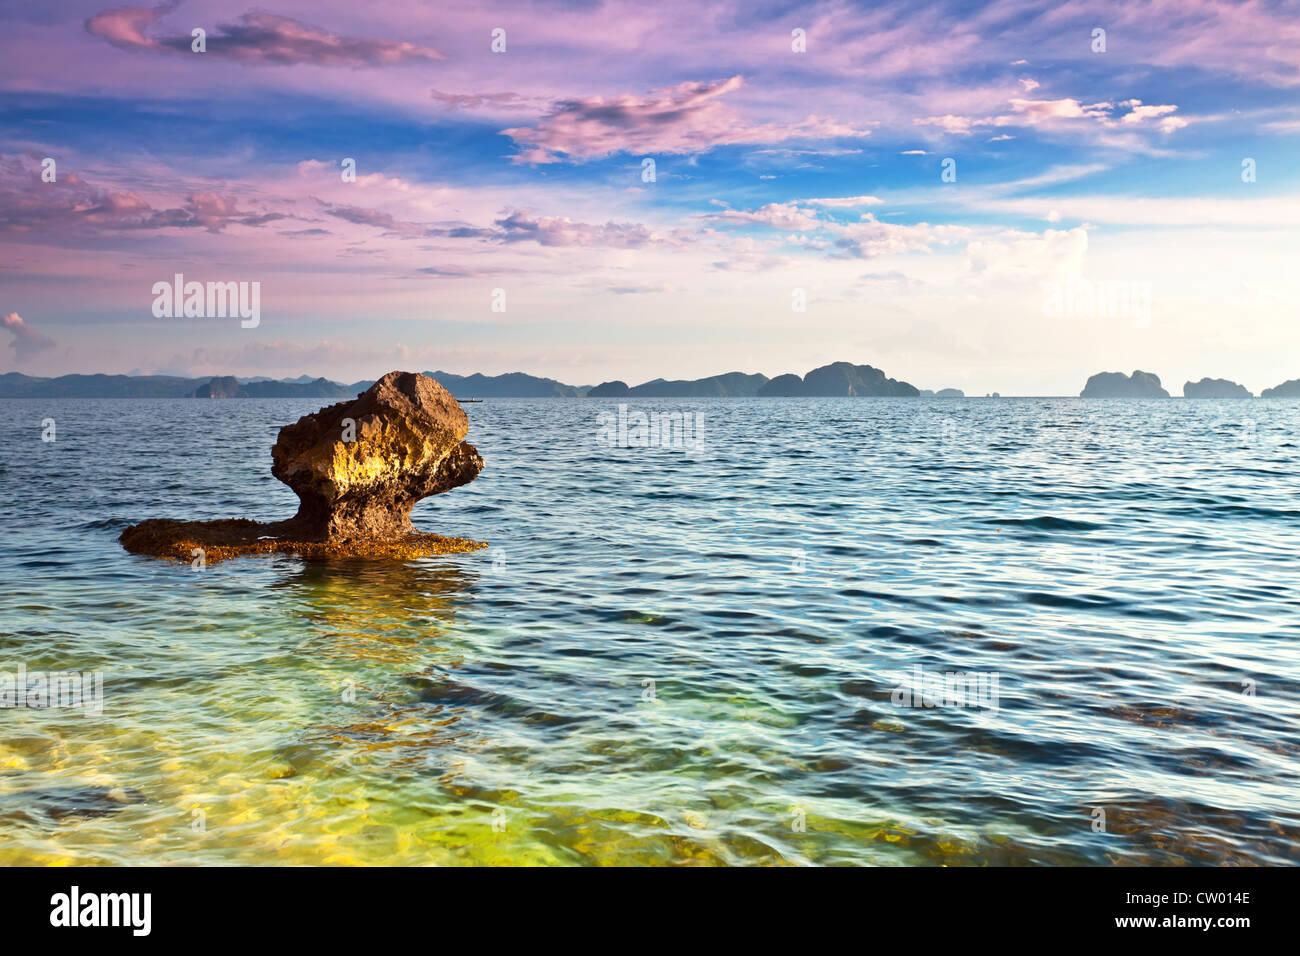 Schöne Seenlandschaft. Stein im Vordergrund. Philippinen Stockbild